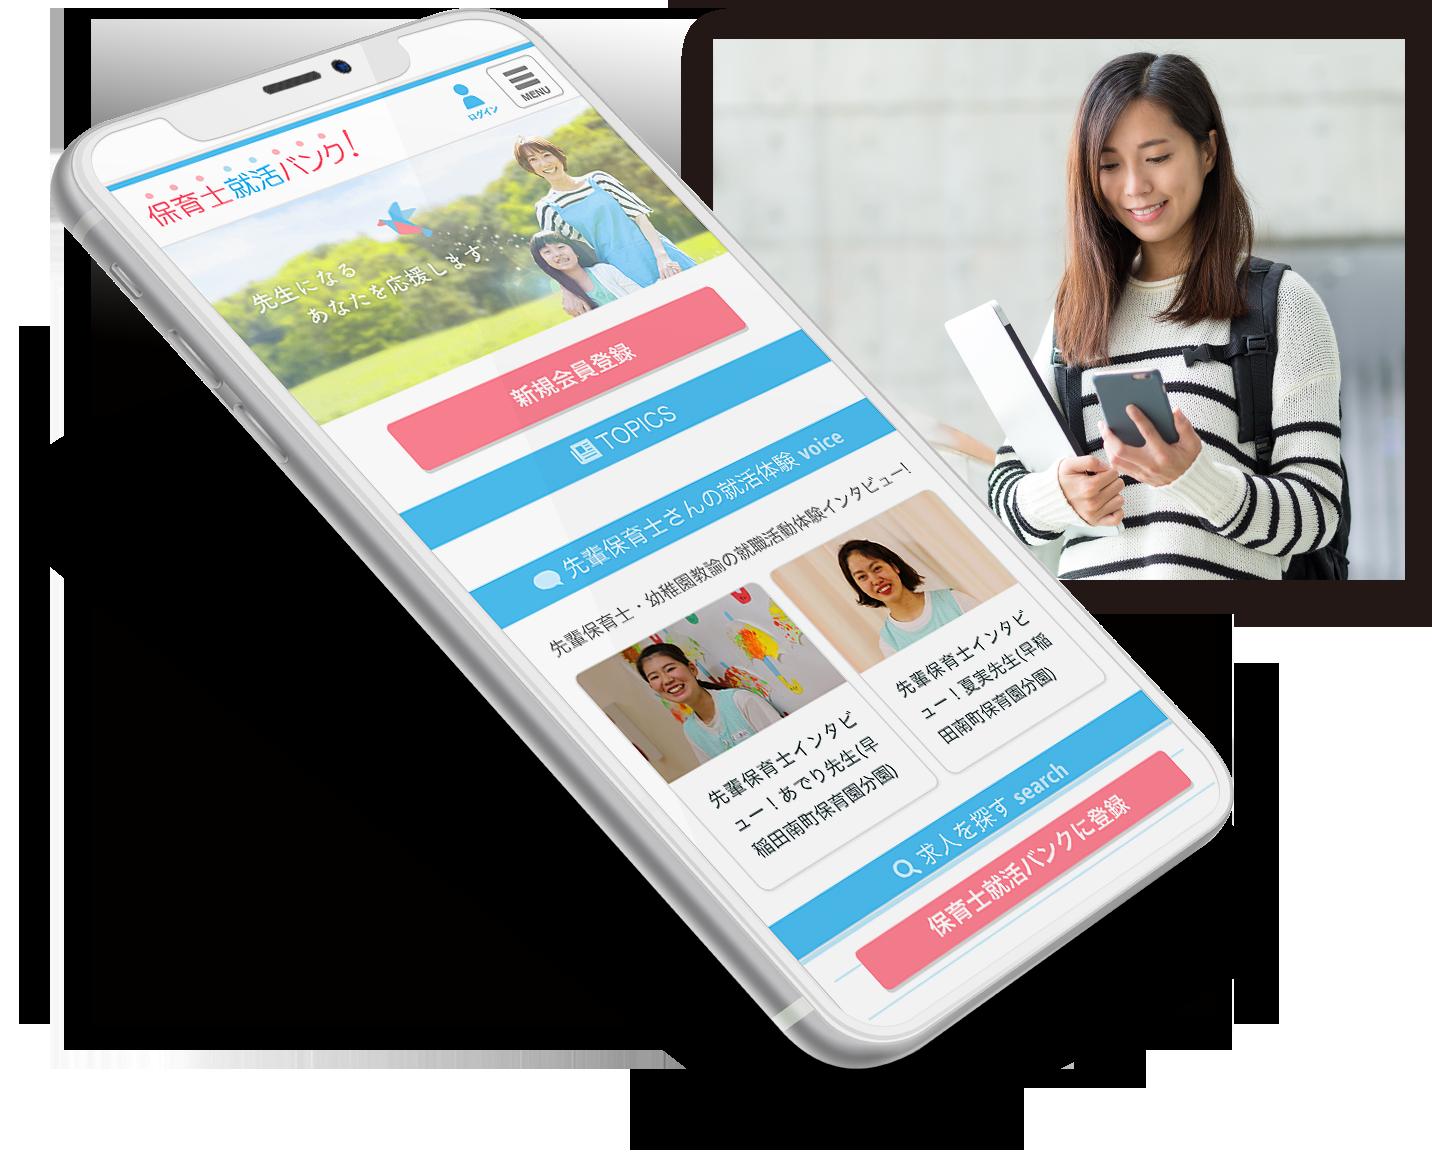 保育士・幼稚園教諭を目指す「学生向け」就職活動応援サイト